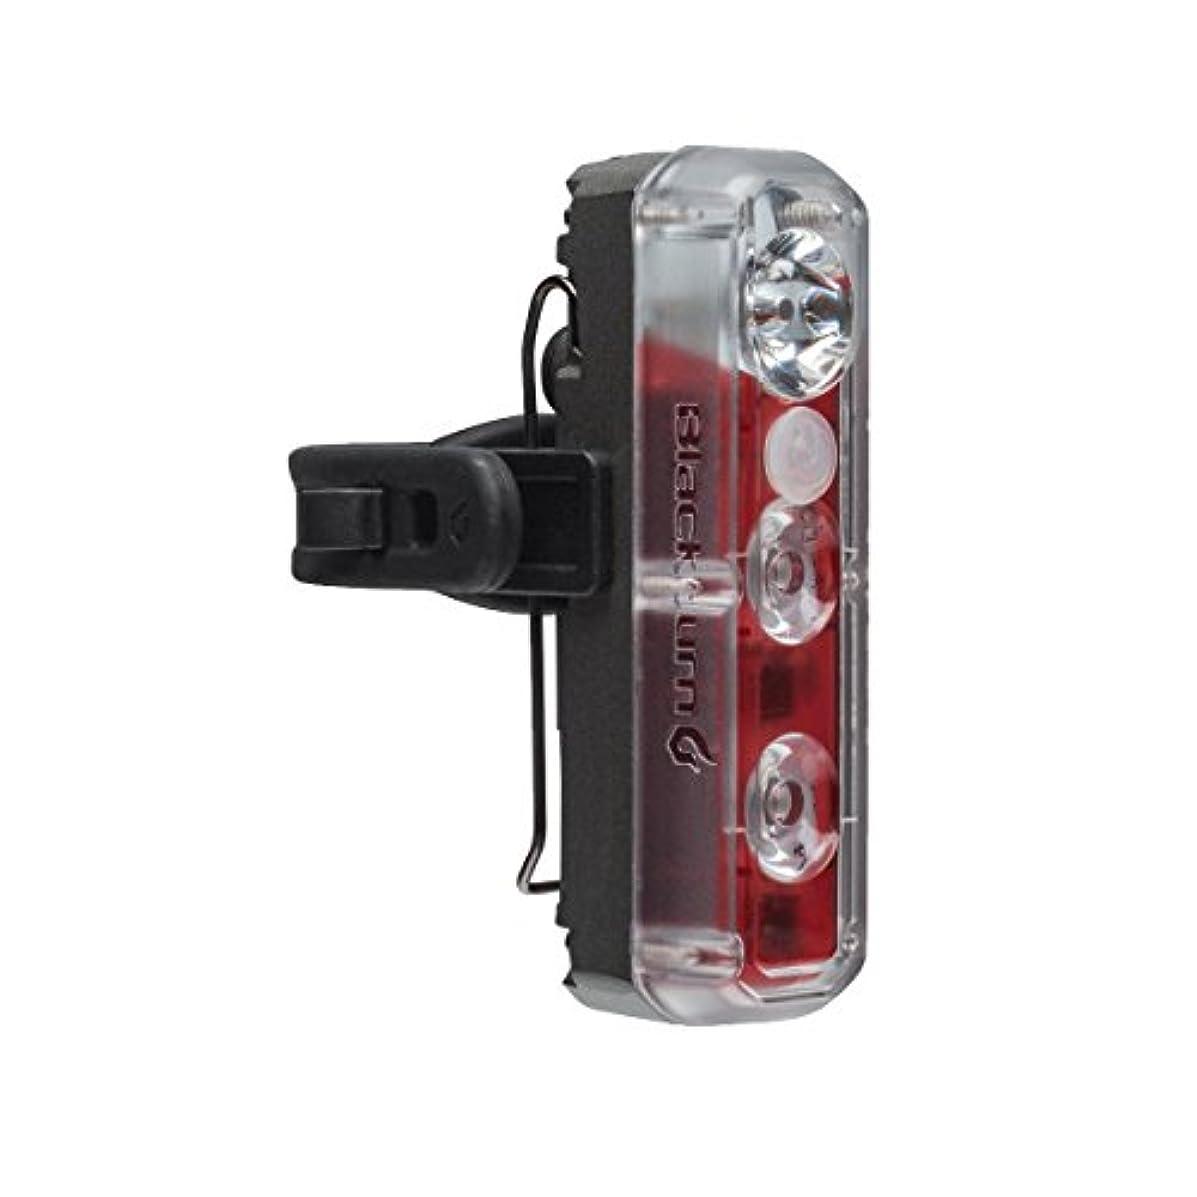 教育する適切なまばたきBlackburn(ブラックバーン) Blackburn(ブラックバーン) 自転車 ライト フロント リア 両用 サイクル LED USB 完全防水 完全防塵 IP-67 200ルーメン [2ファーXLフロントorリア] 7085185